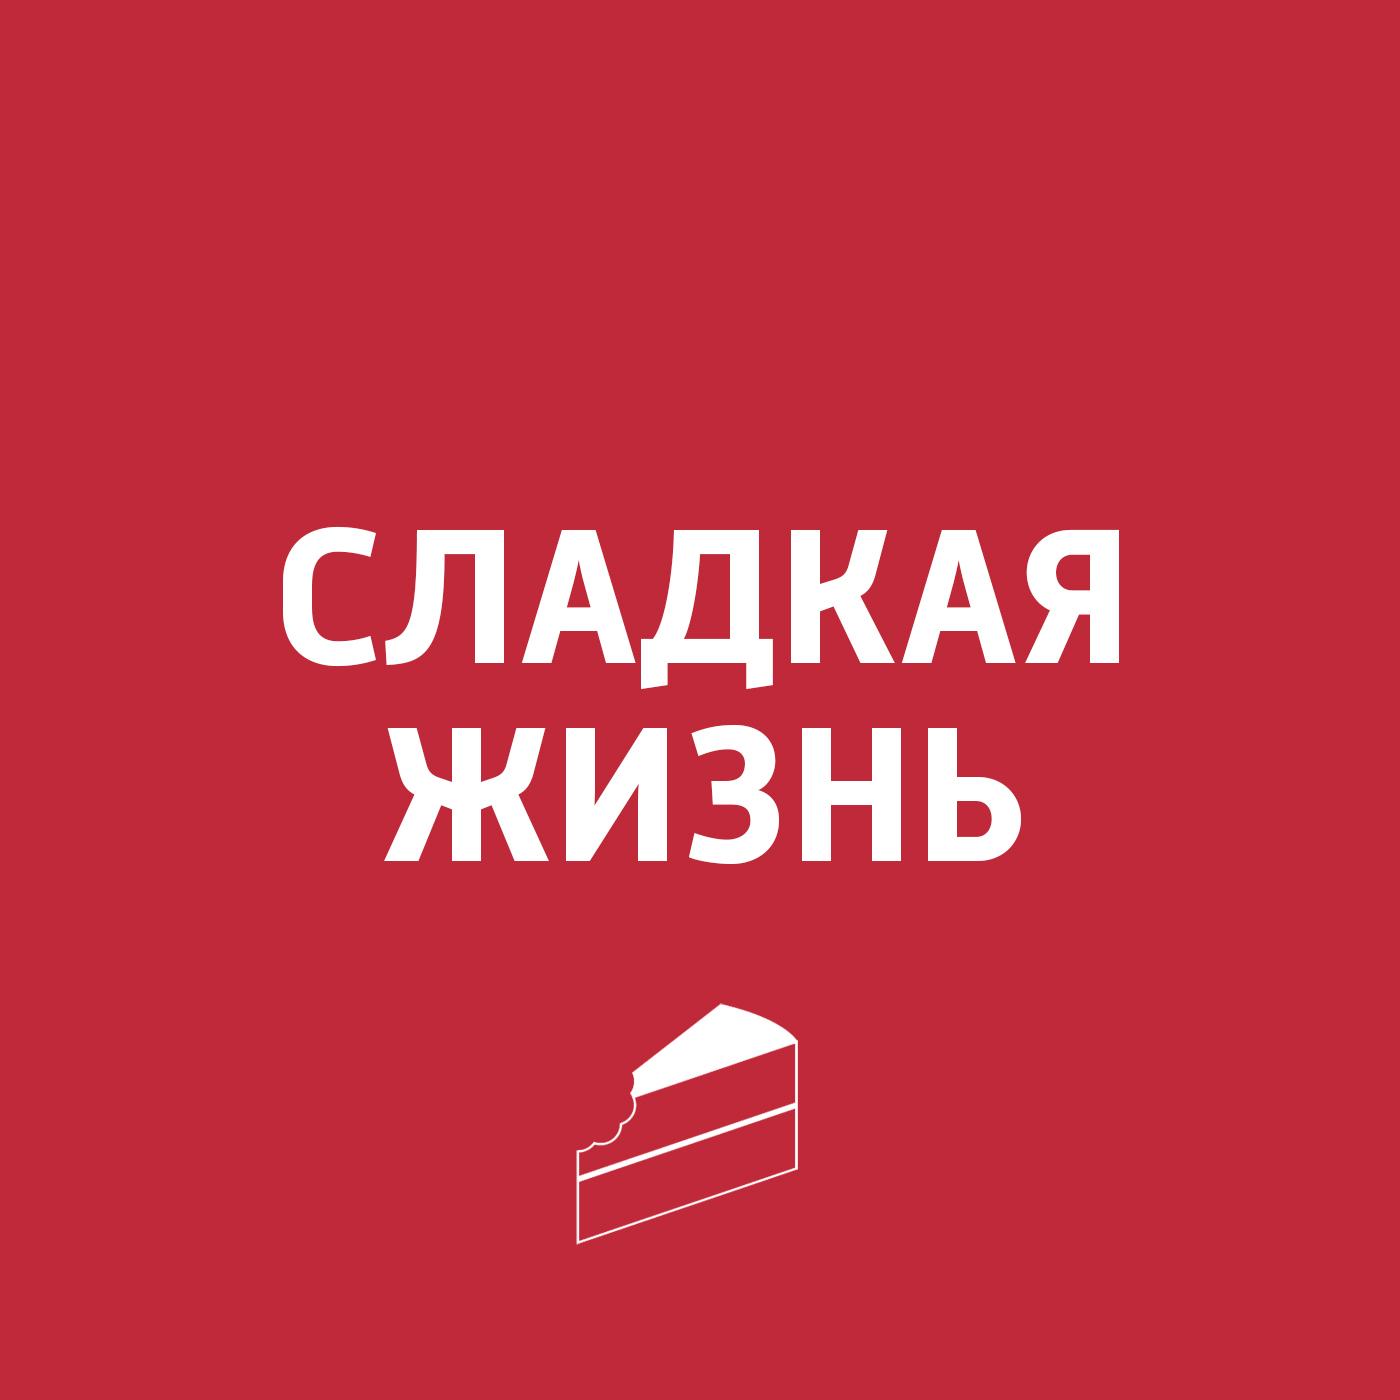 Картаев Павел Оладьи отсутствует блины блинчики оладьи